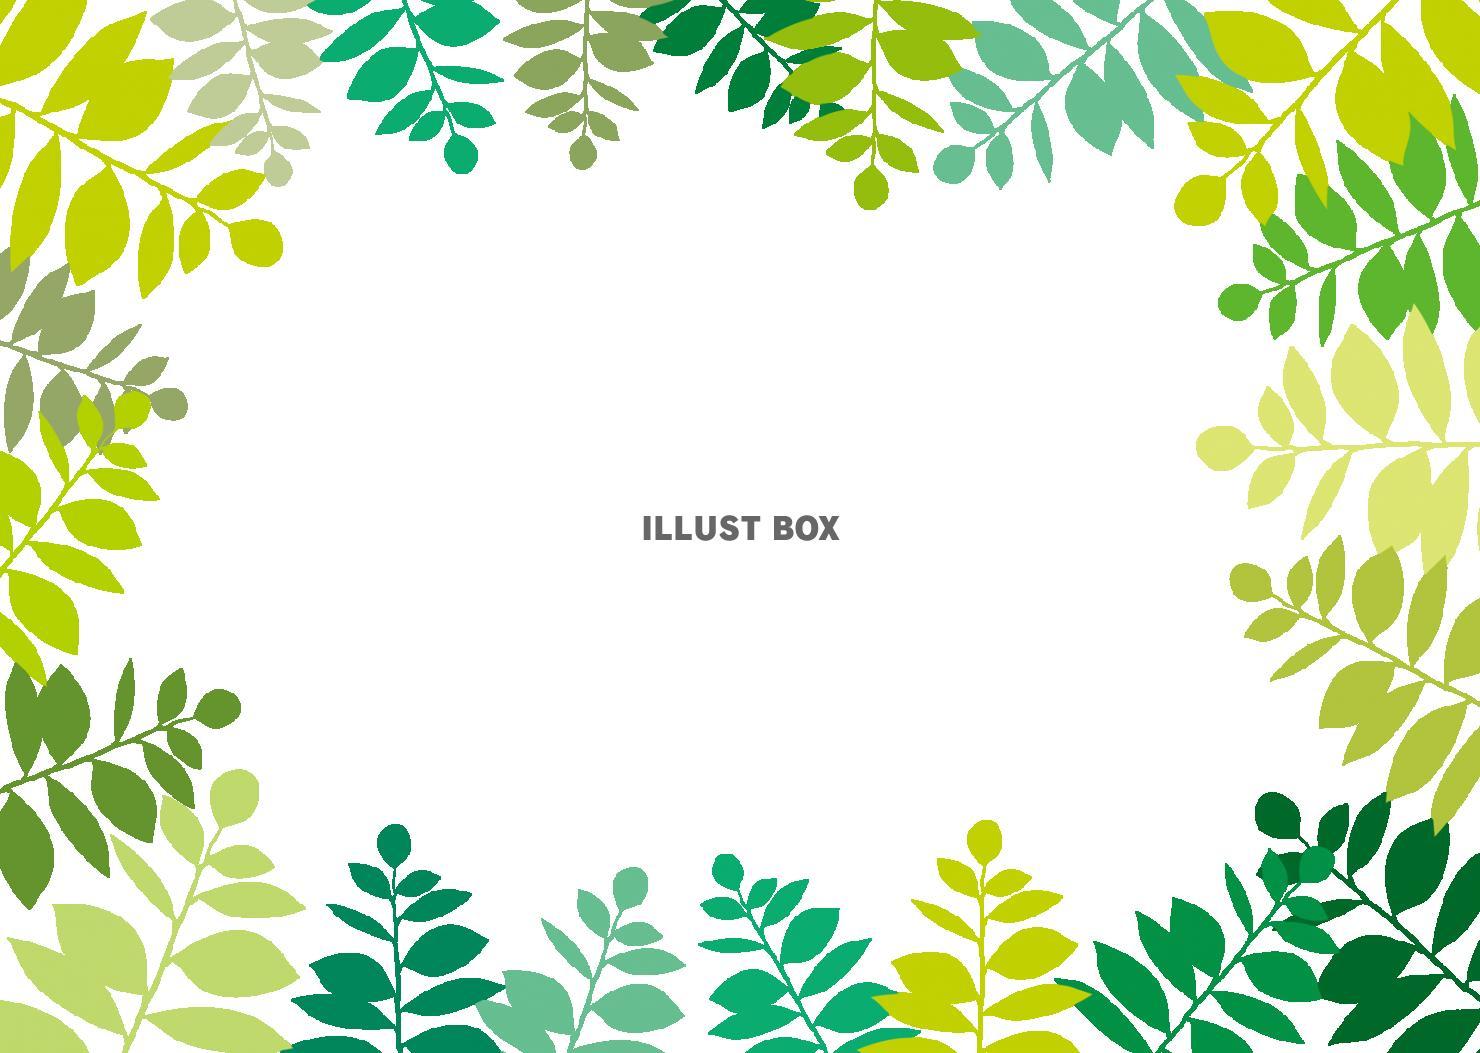 無料イラスト おしゃれフレーム枠飾り枠囲み枠葉背景壁紙植物葉っぱ 緑 イラ